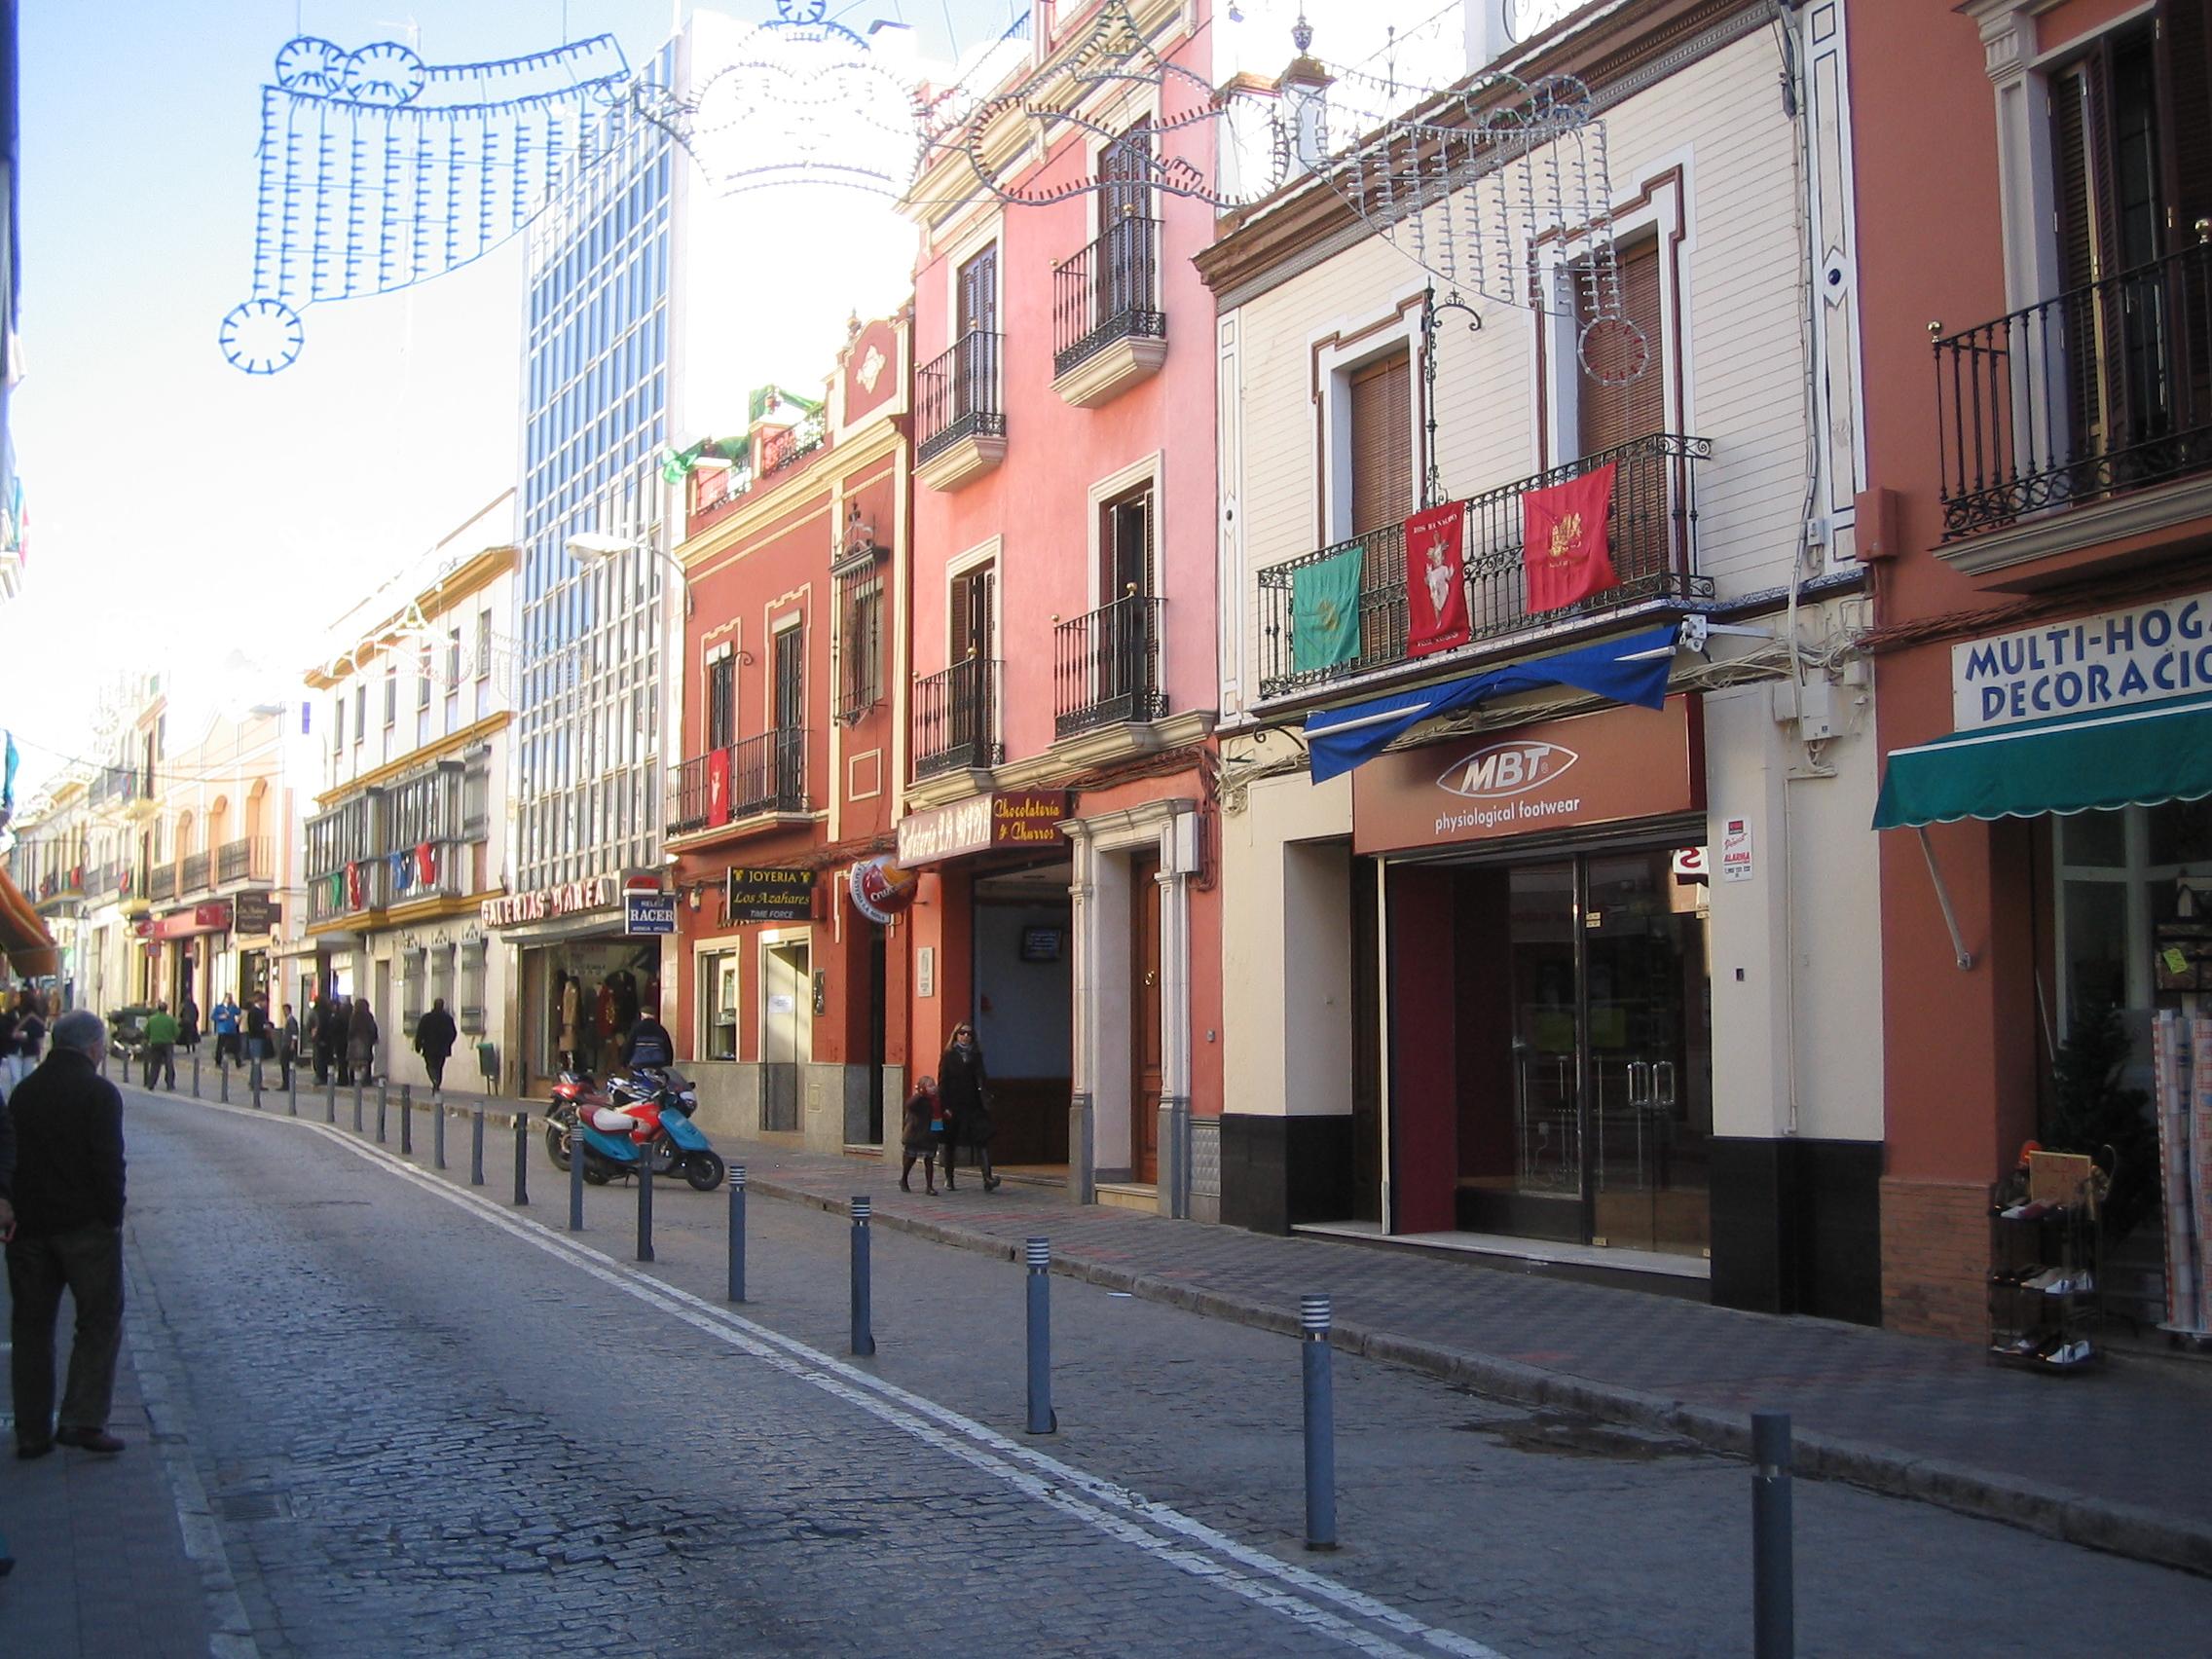 Veladores Bares Restaurantes - Calle de Alcalá de Guadira